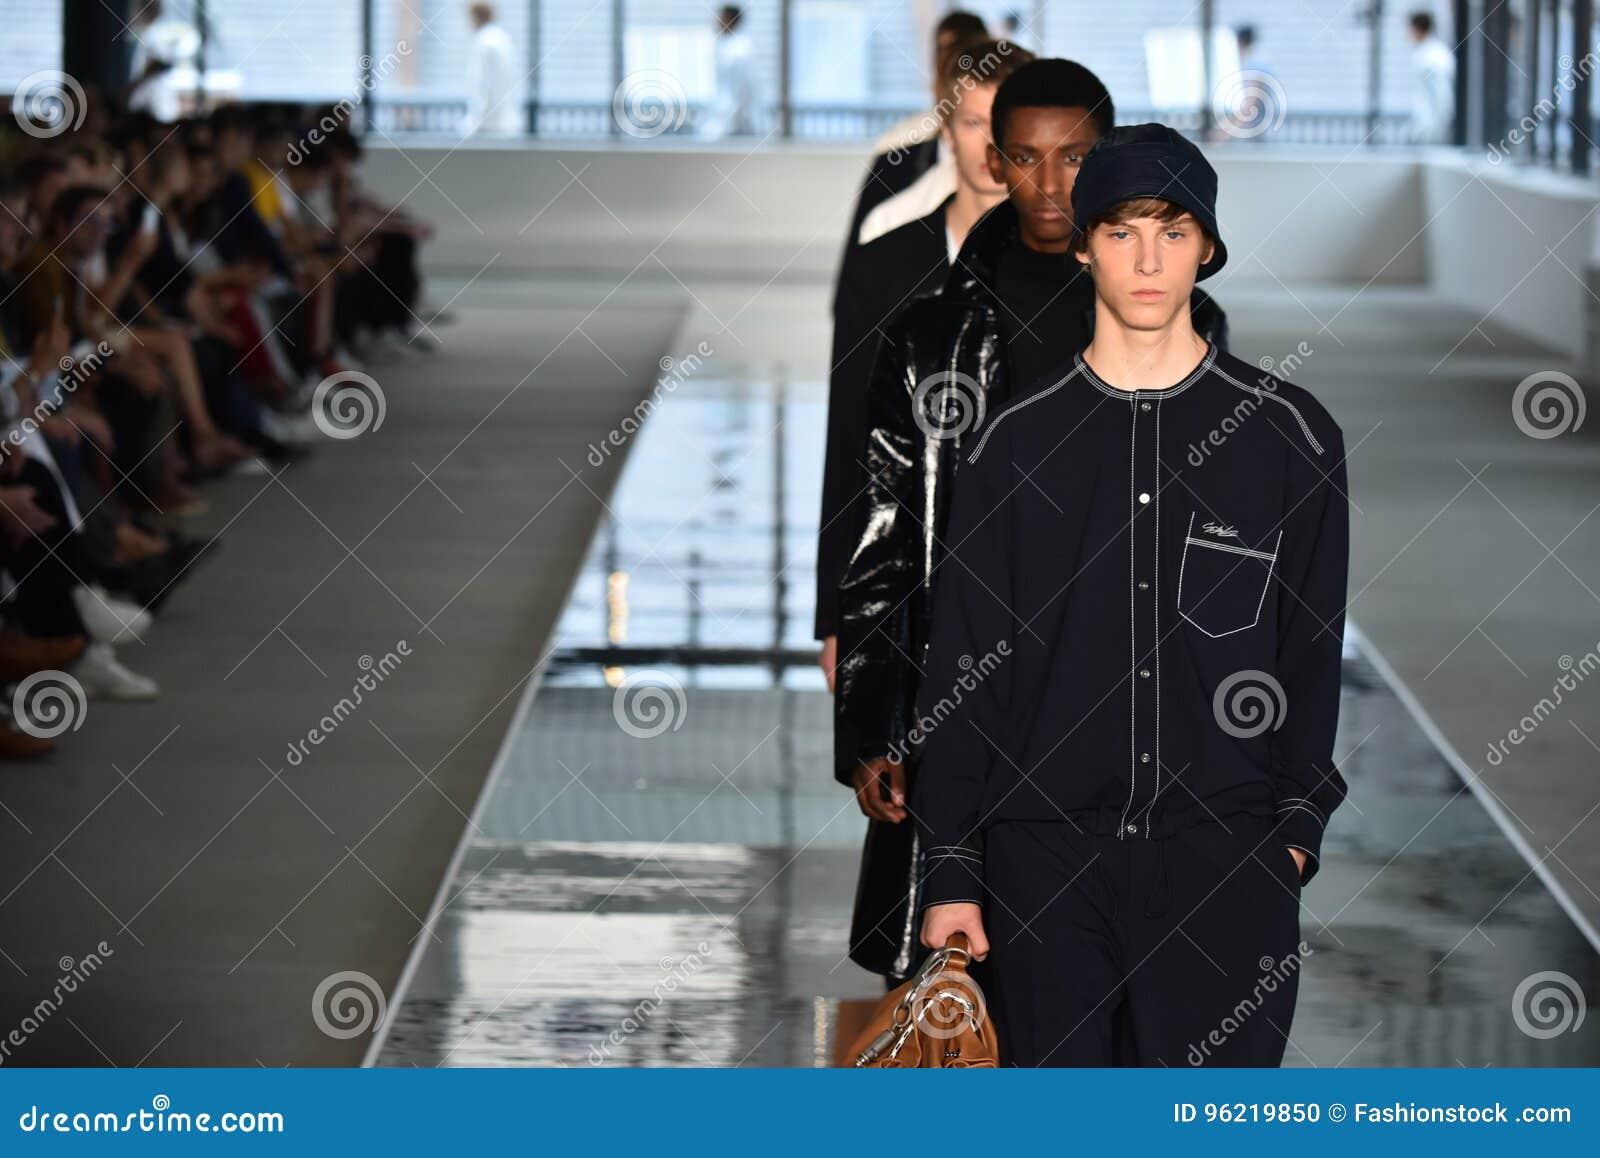 Promenade de modèles la finale de piste au PATRON - exposition de Hugo Boss